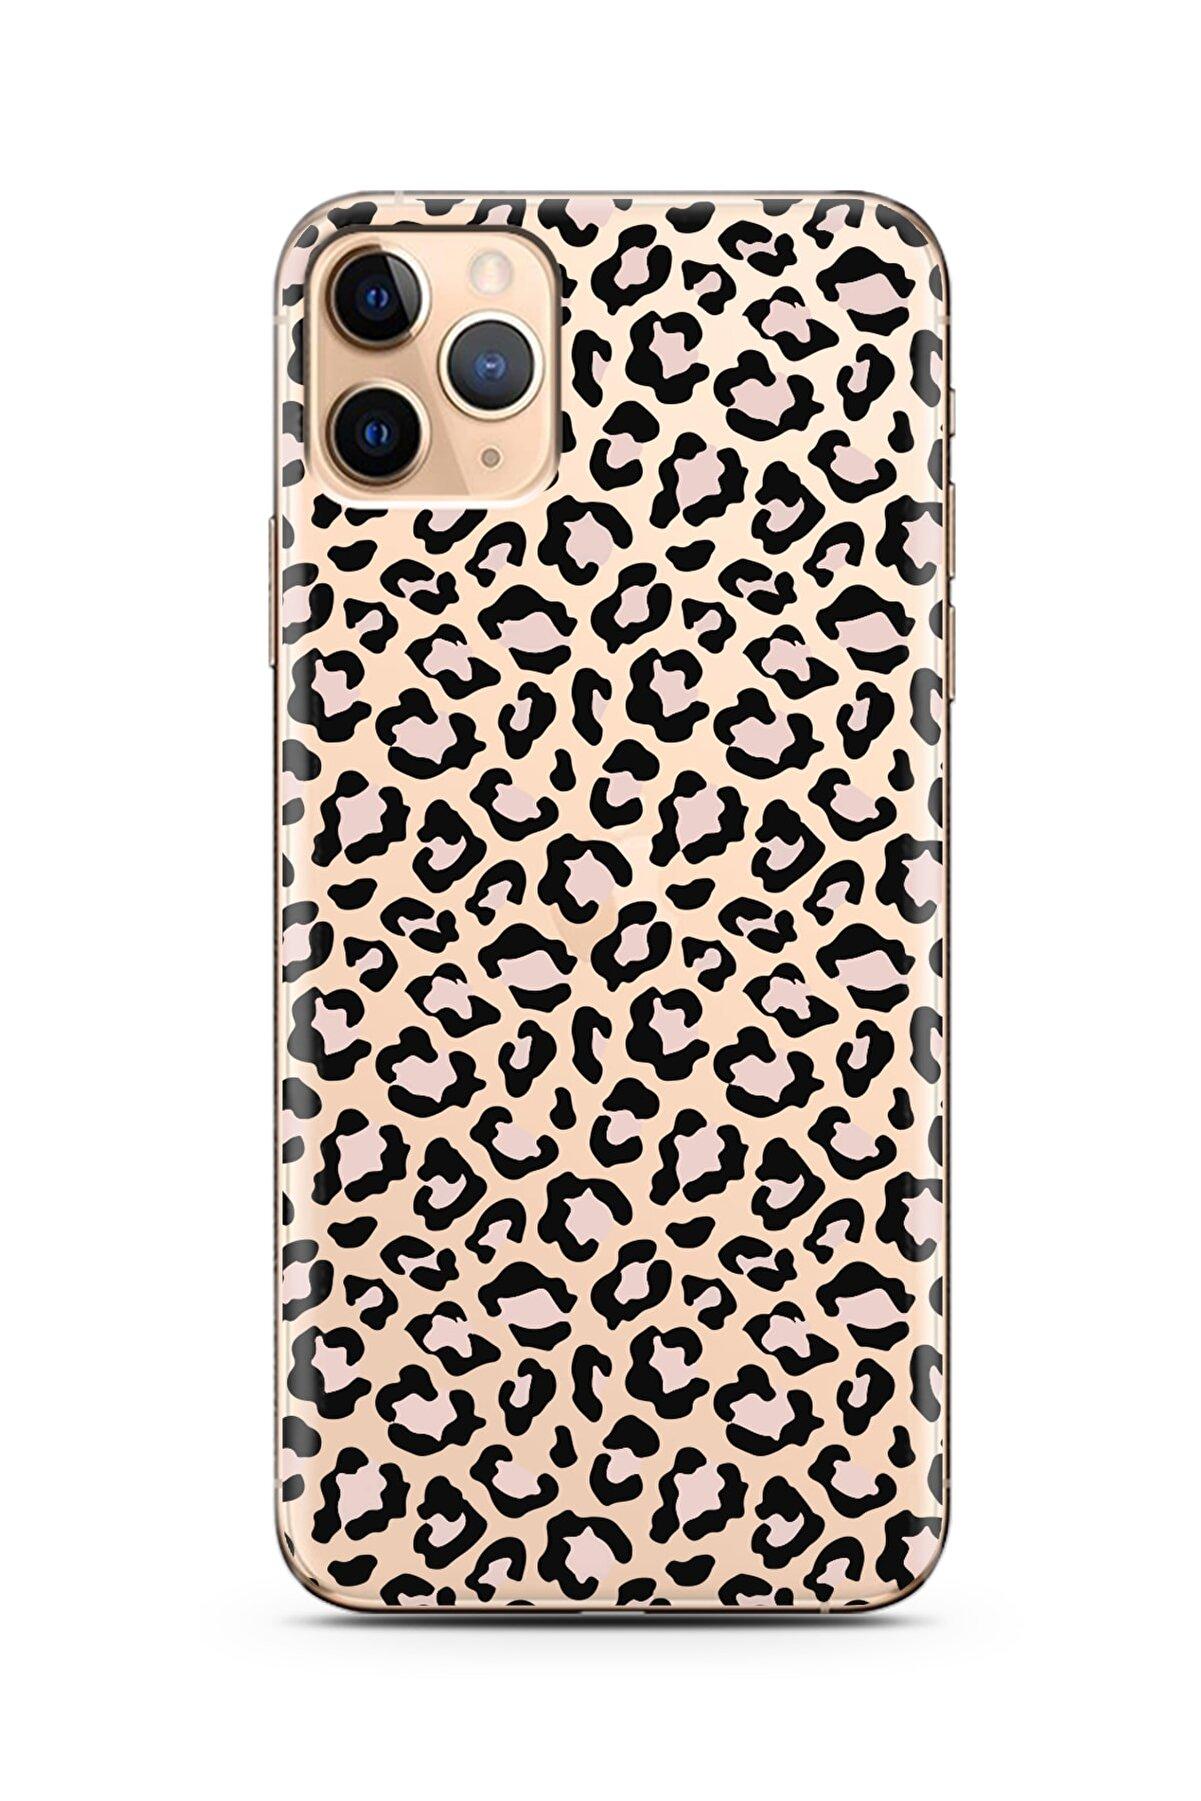 Spoyi Leopar Tasarımlı Süper Şeffaf Silikon Iphone 11 Pro Max Telefon Kılıfı